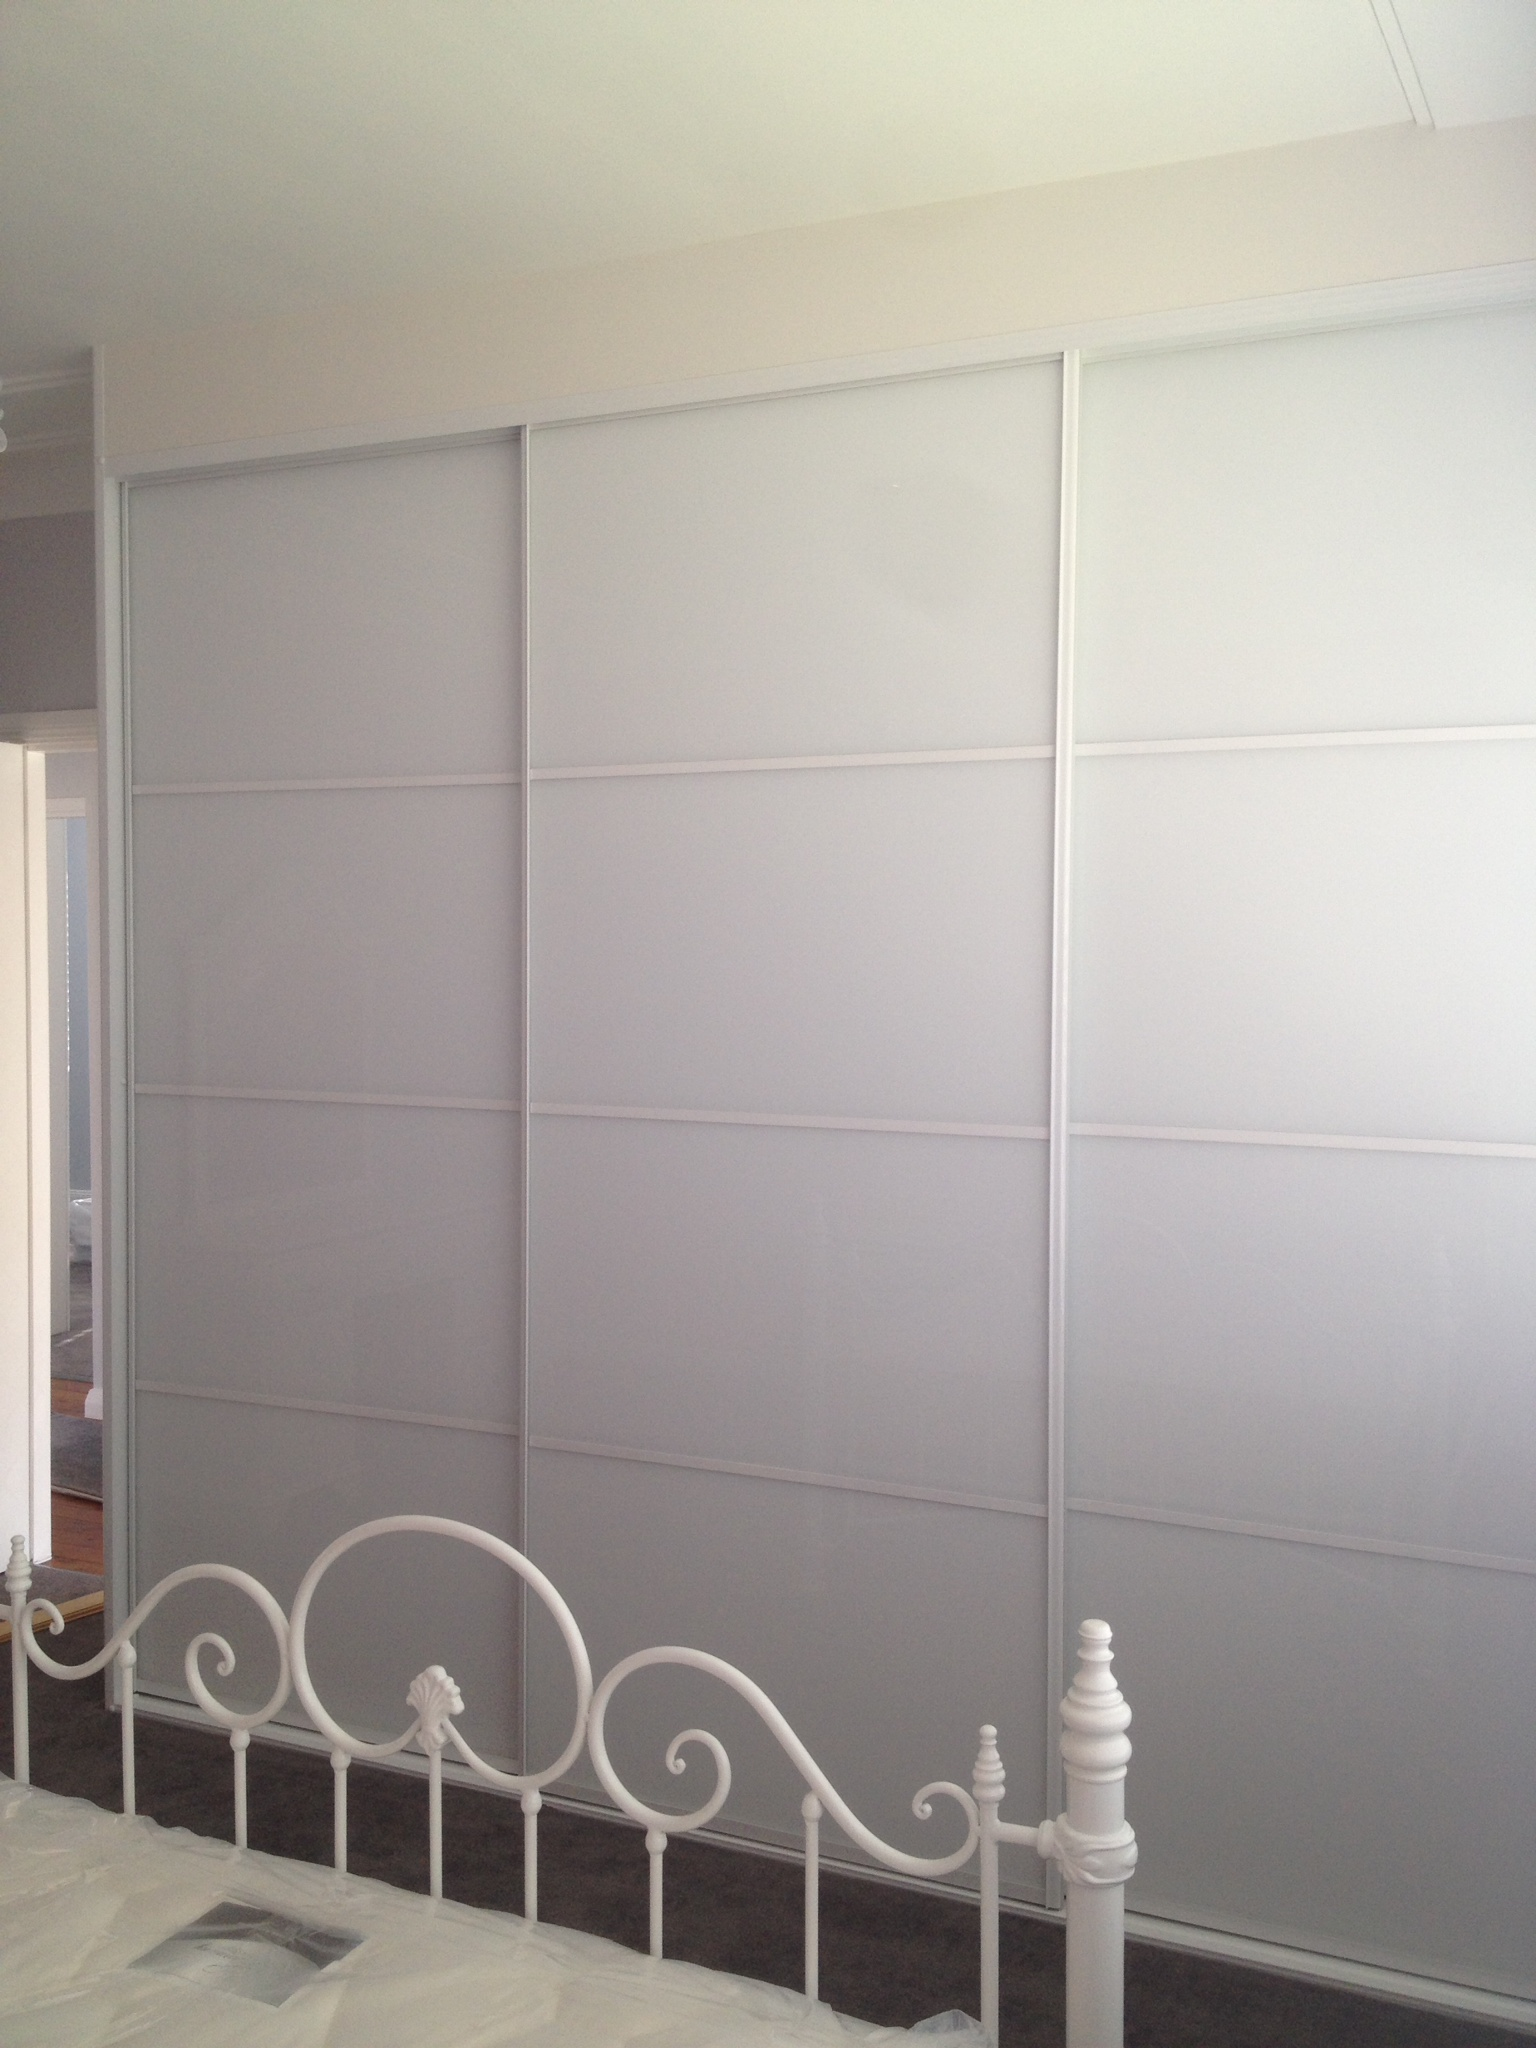 ultrawhite sliding wardrobe doors with white frame.JPG